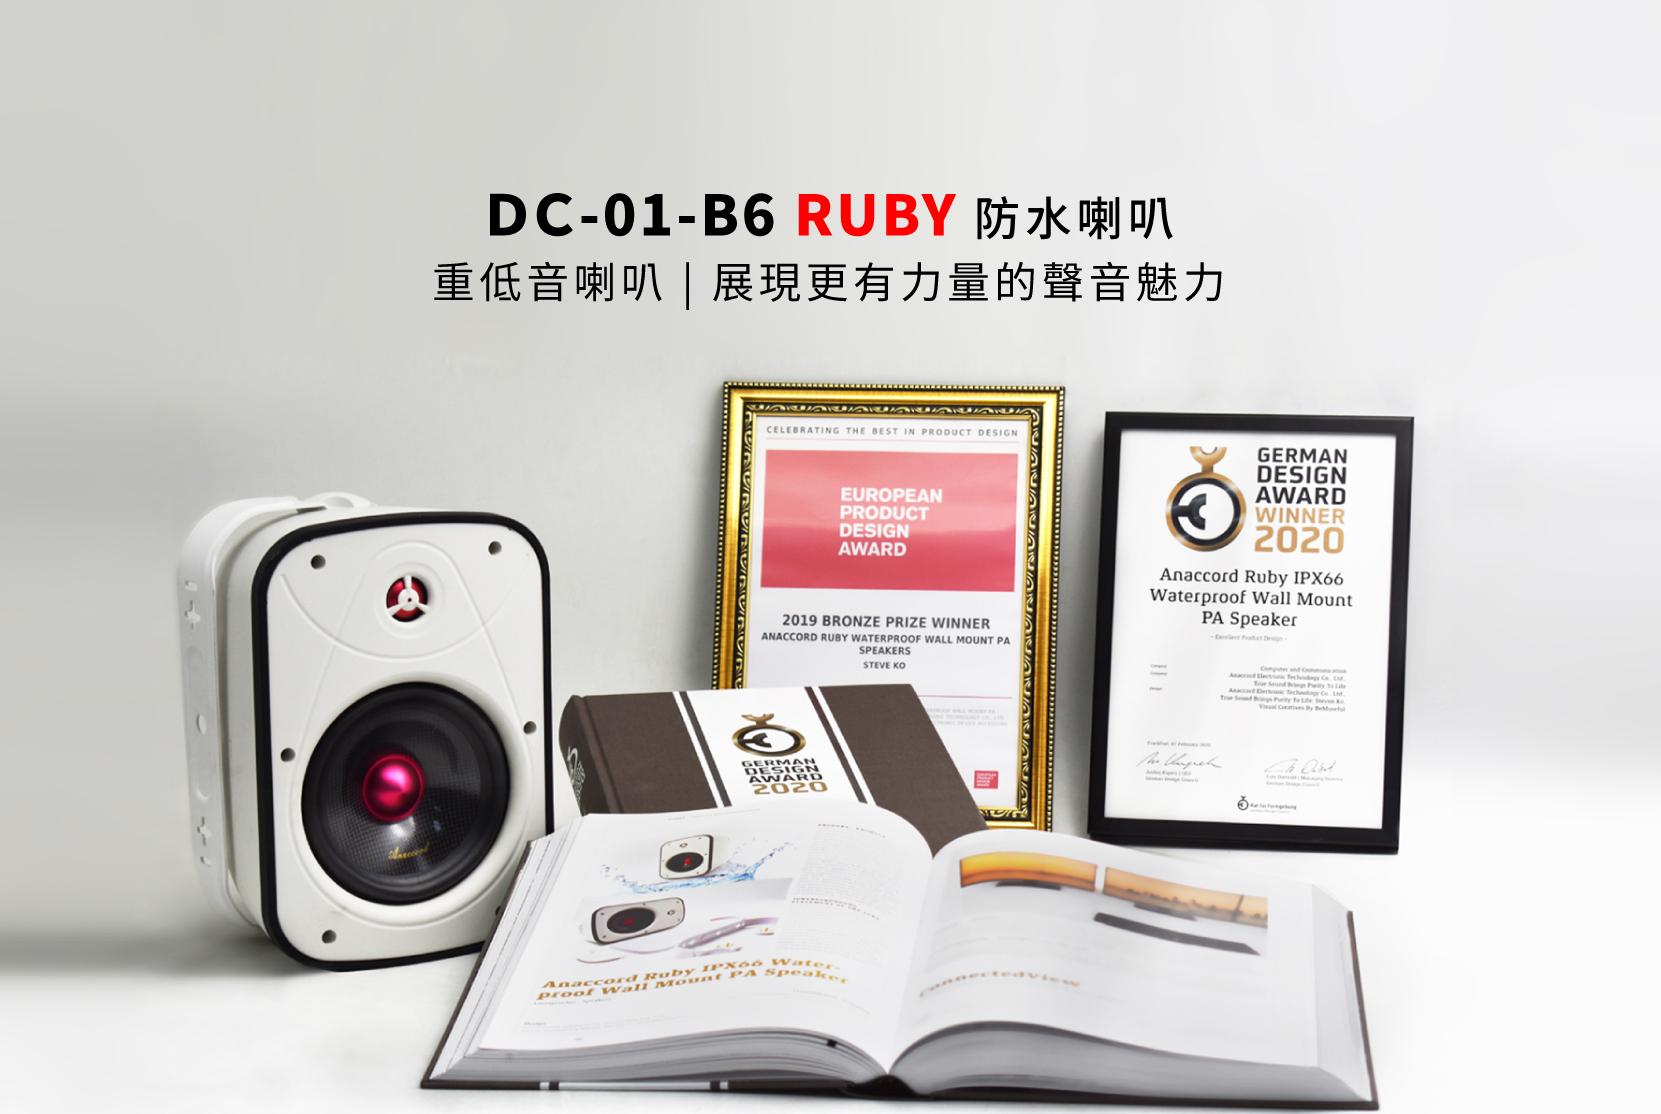 防水喇叭 重低音喇叭 DC-01-B6-RUBY